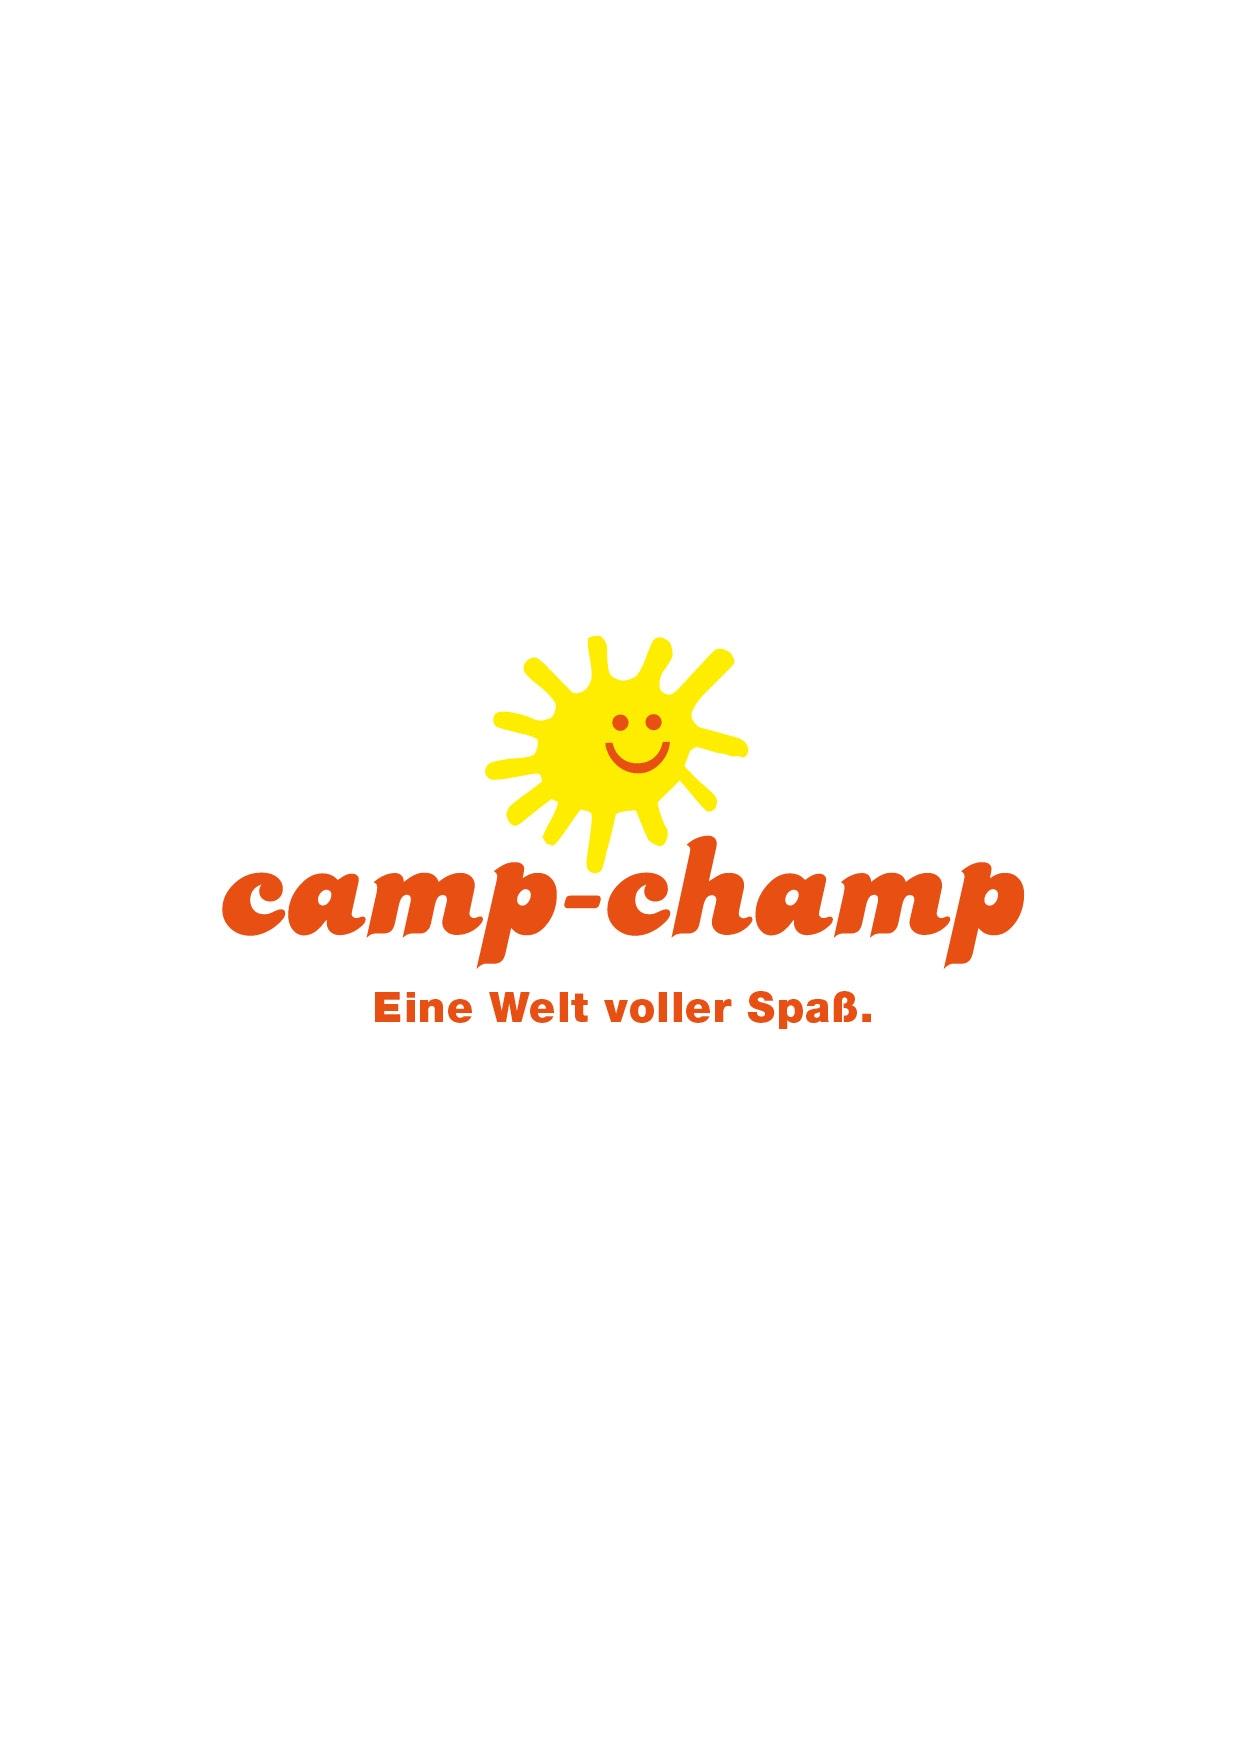 camp-champ, Eine Welt voller Spaß.